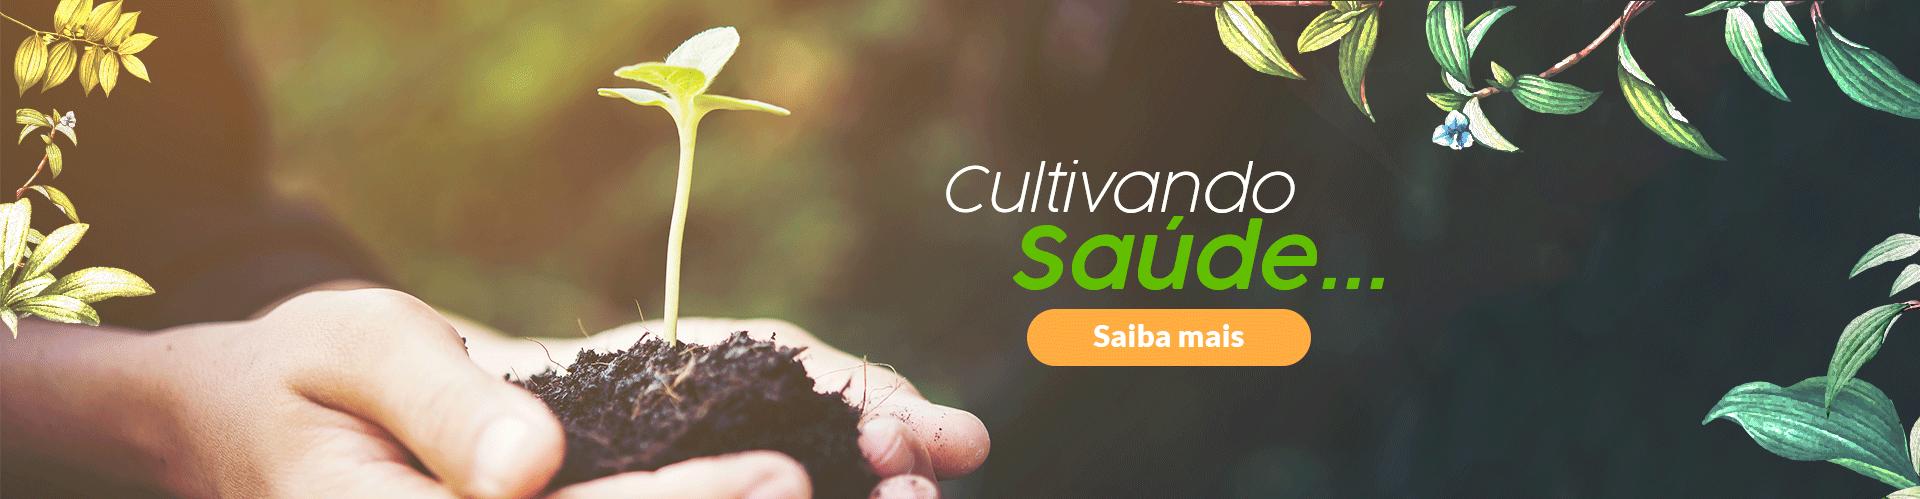 Cultivando Saude